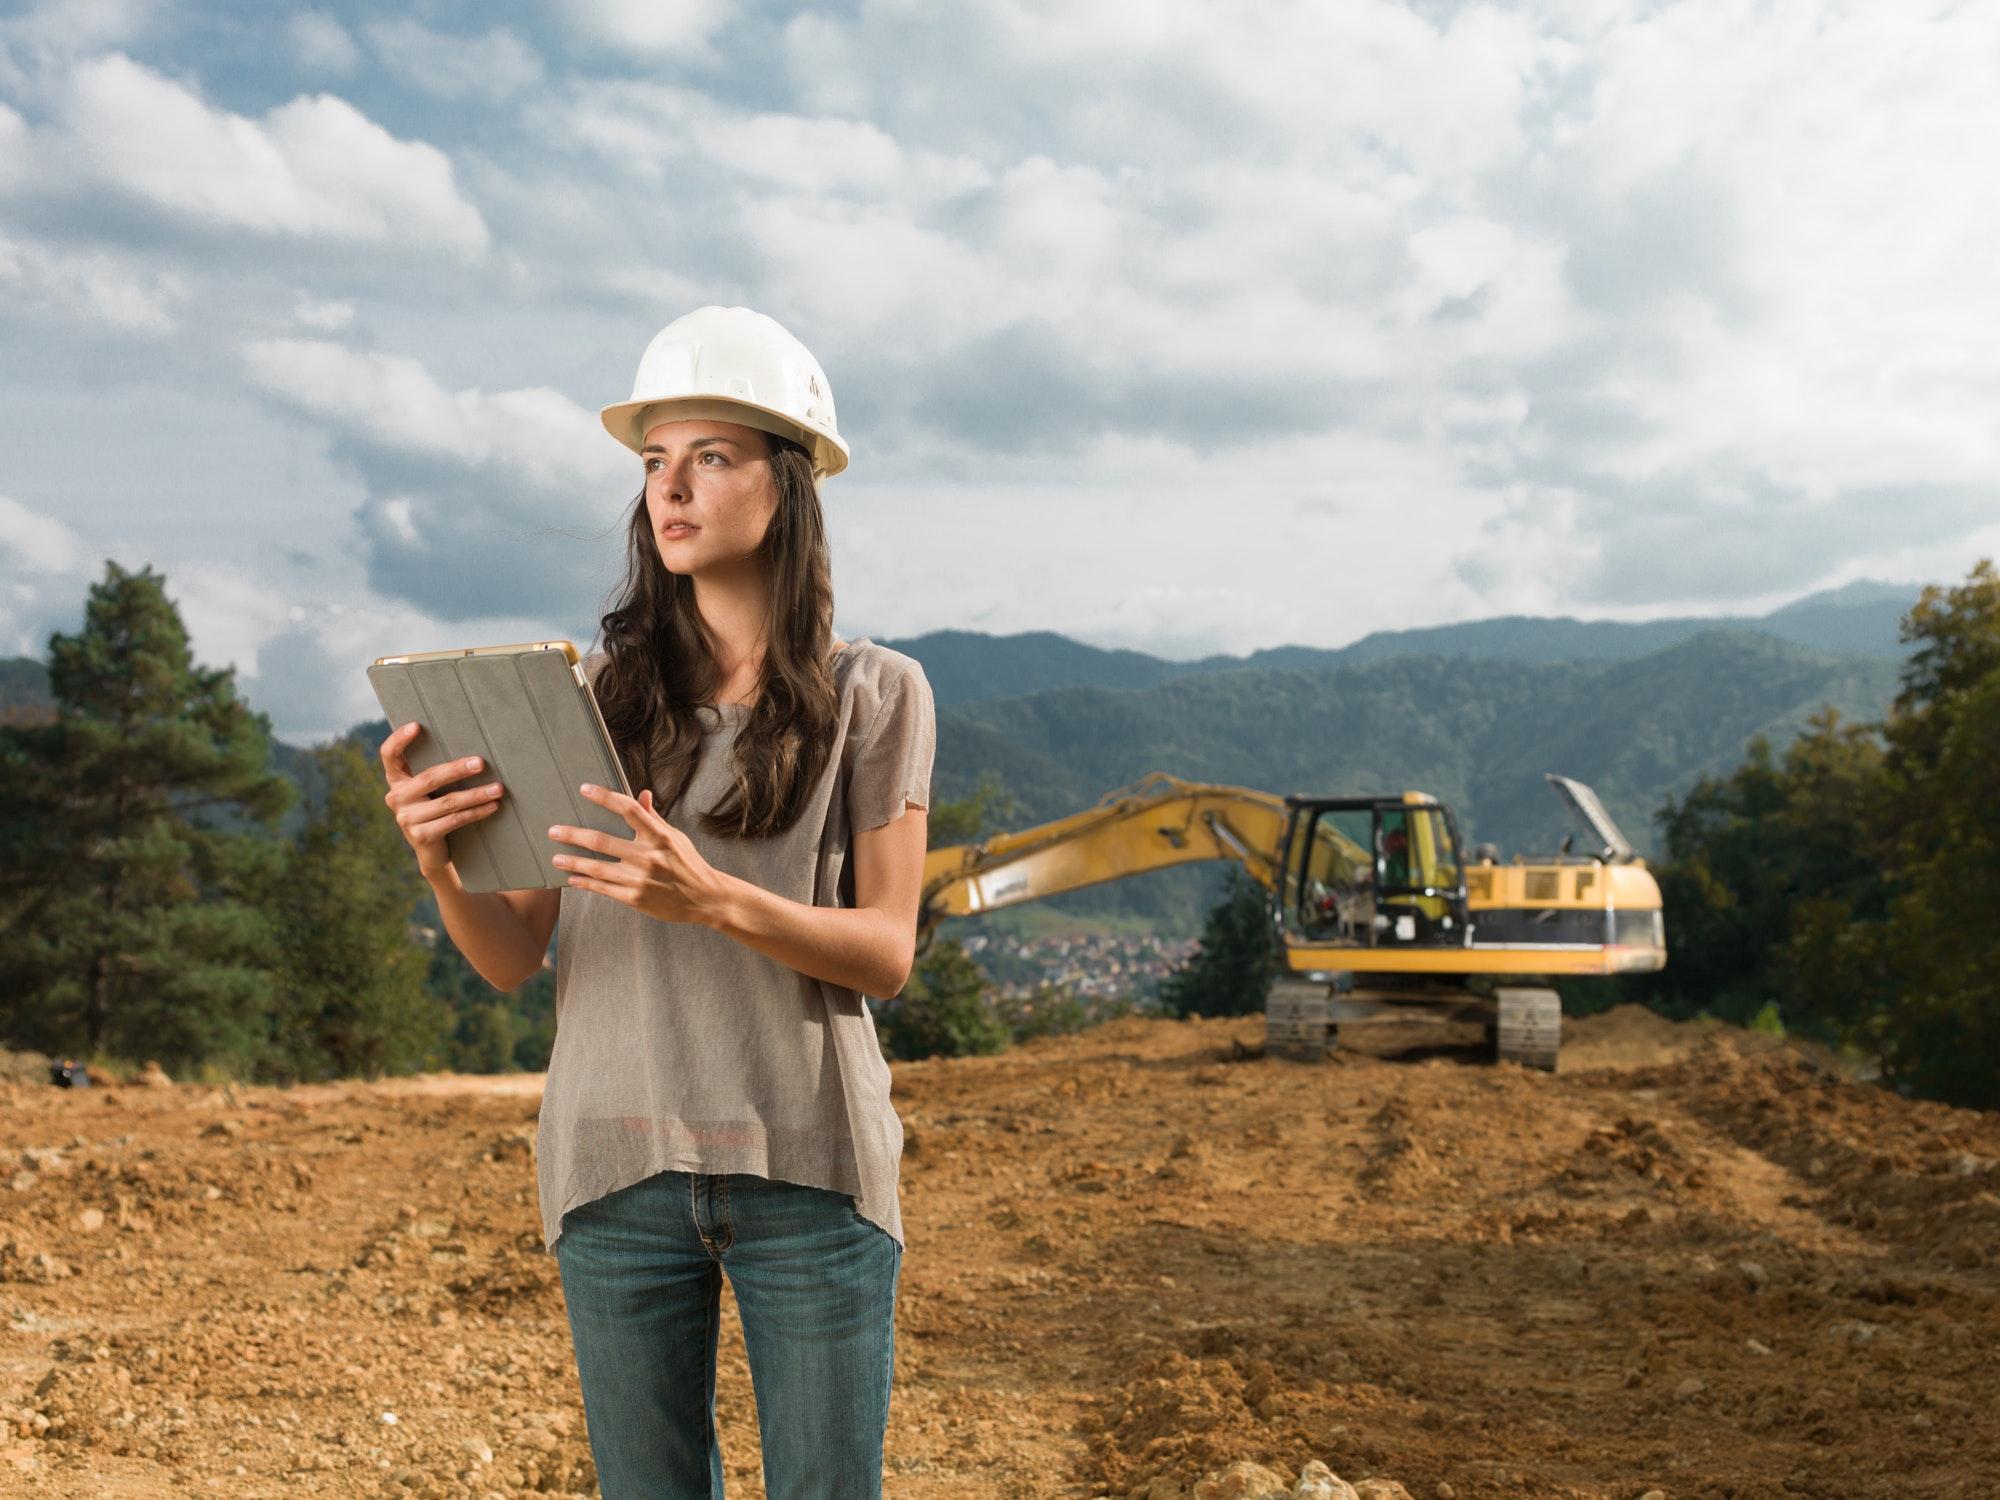 female architect supervising construction